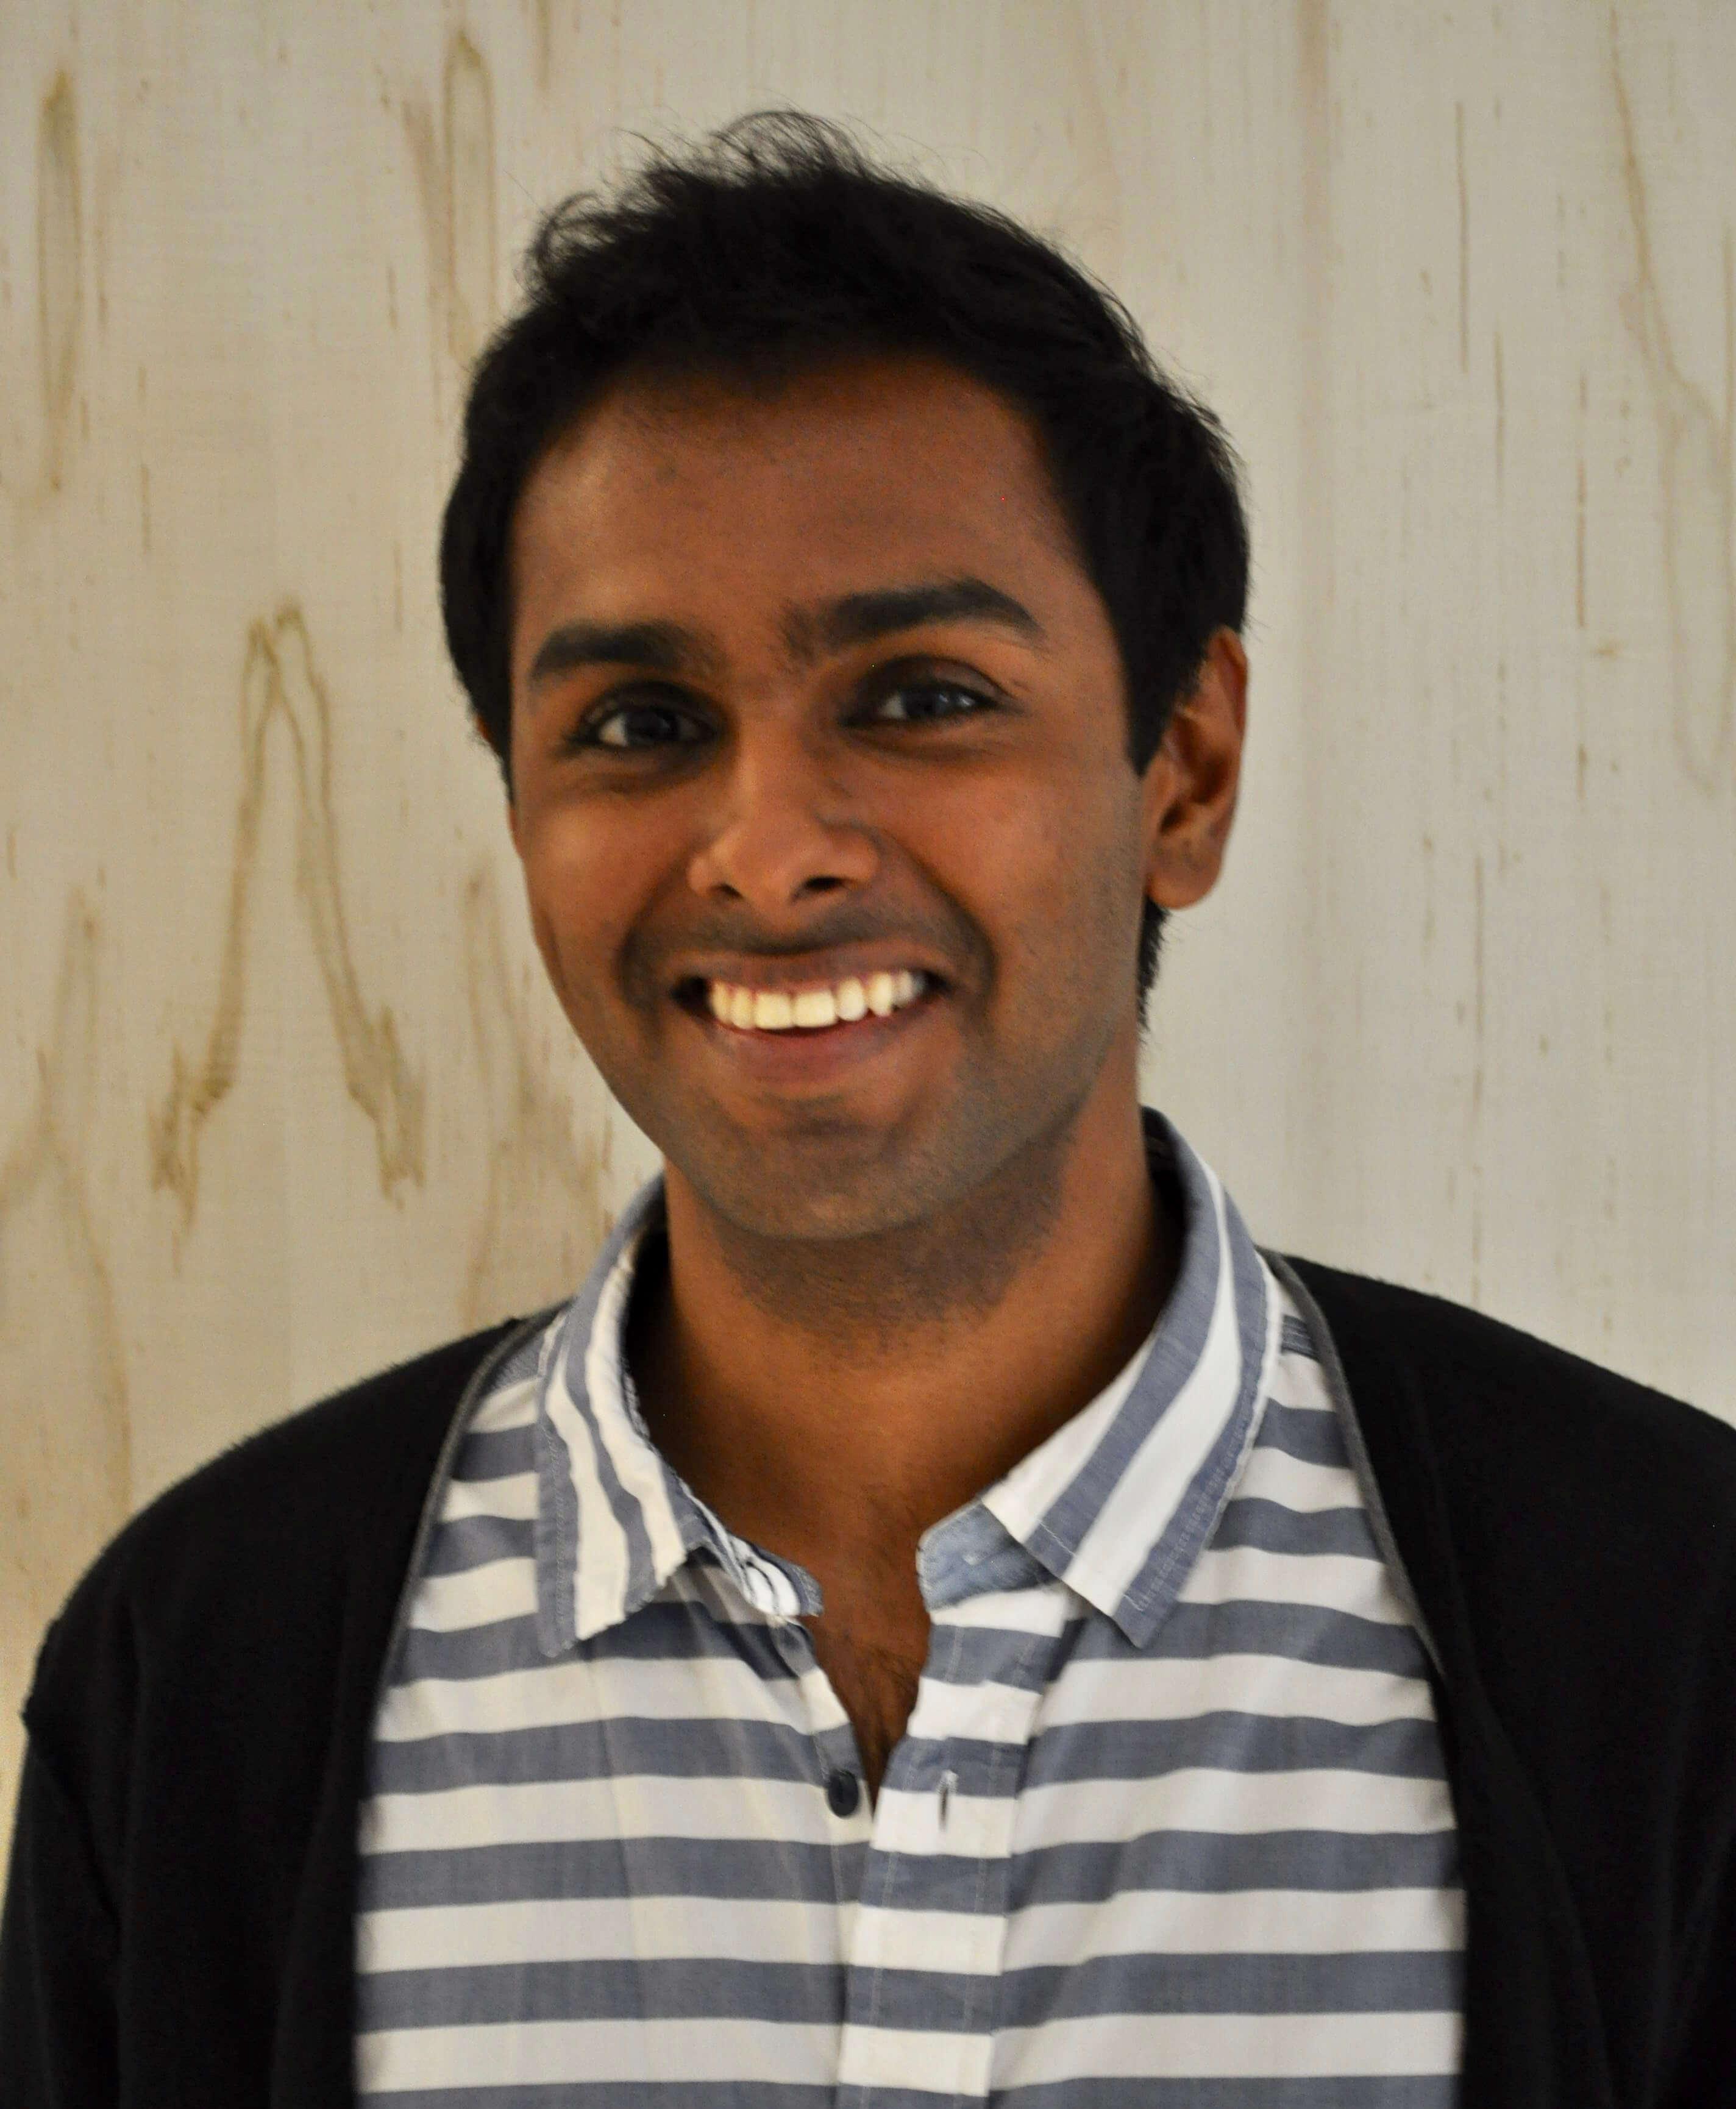 Sahir Jaggi